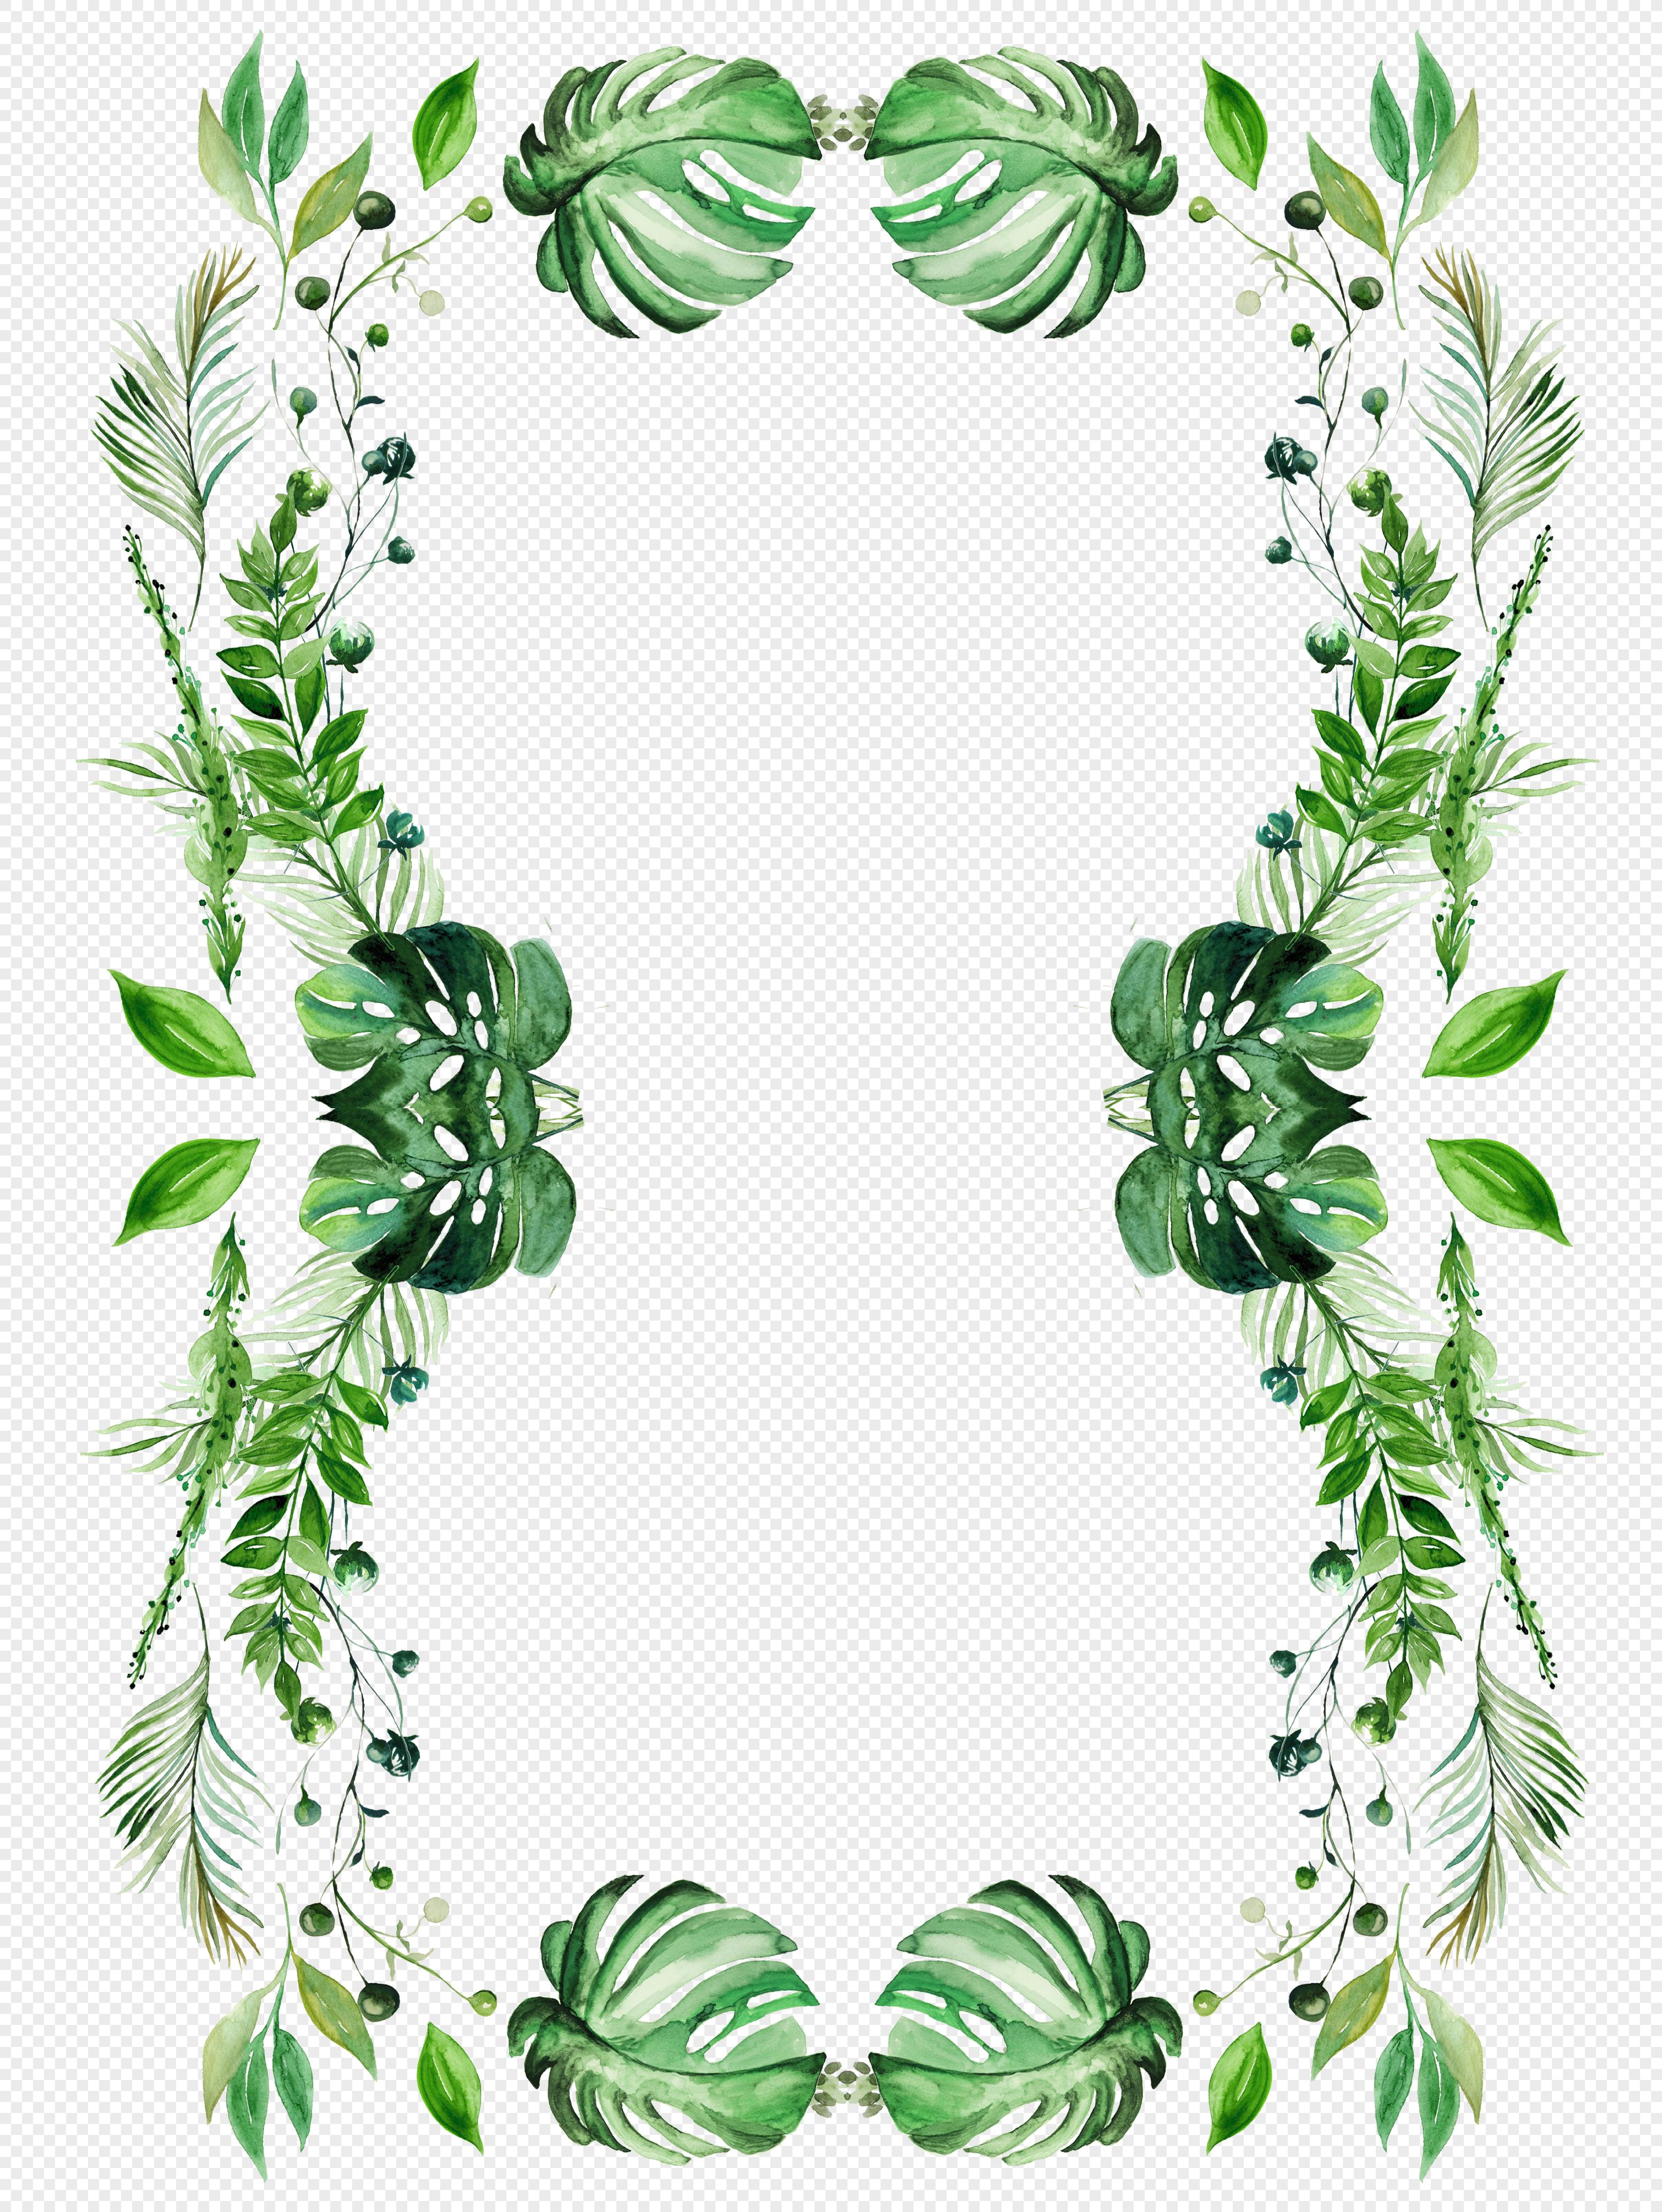 手绘绿色叶子边框